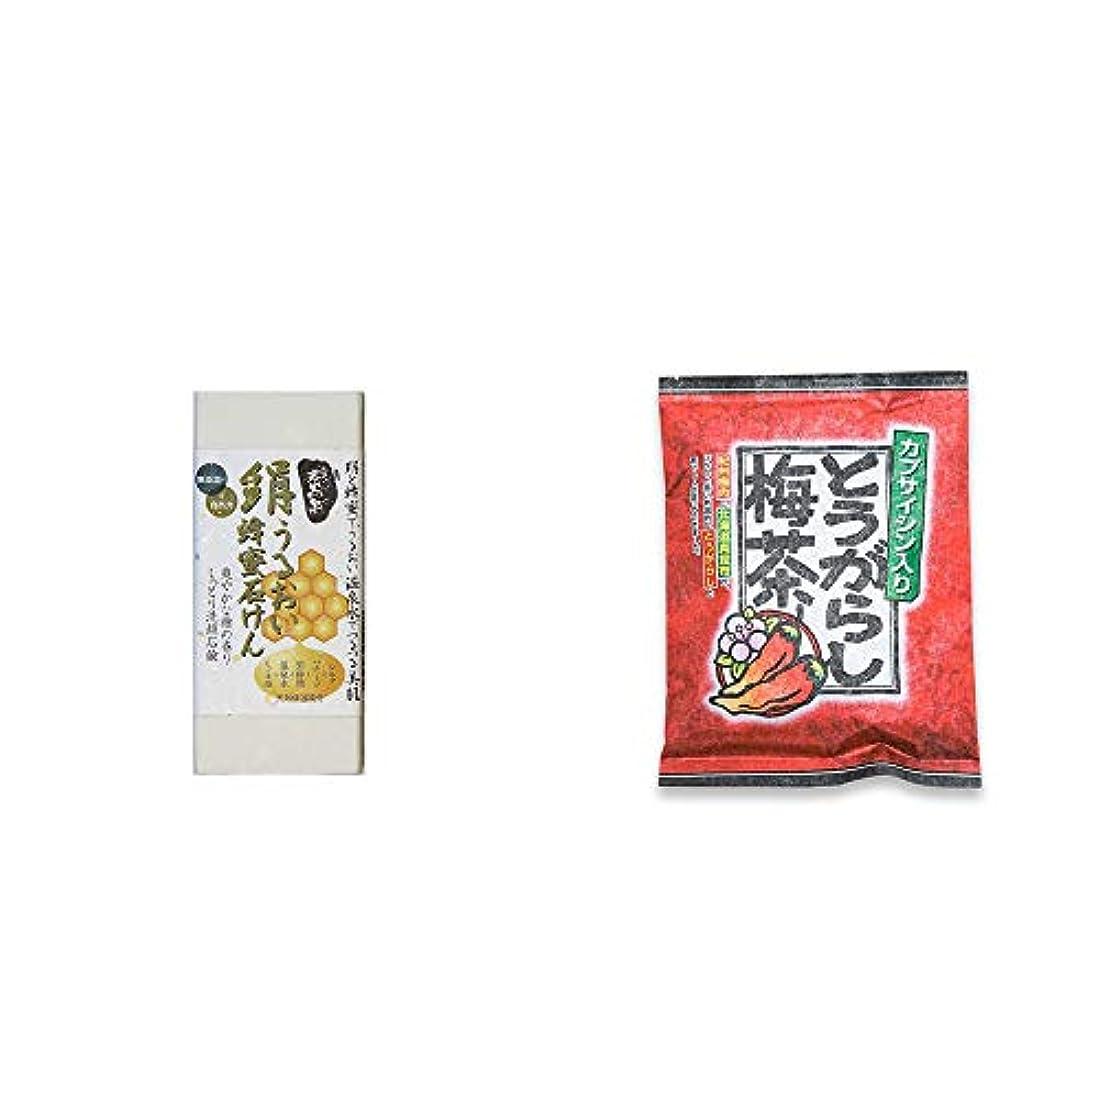 結婚するカヌー高揚した[2点セット] ひのき炭黒泉 絹うるおい蜂蜜石けん(75g×2)?とうがらし梅茶(24袋)